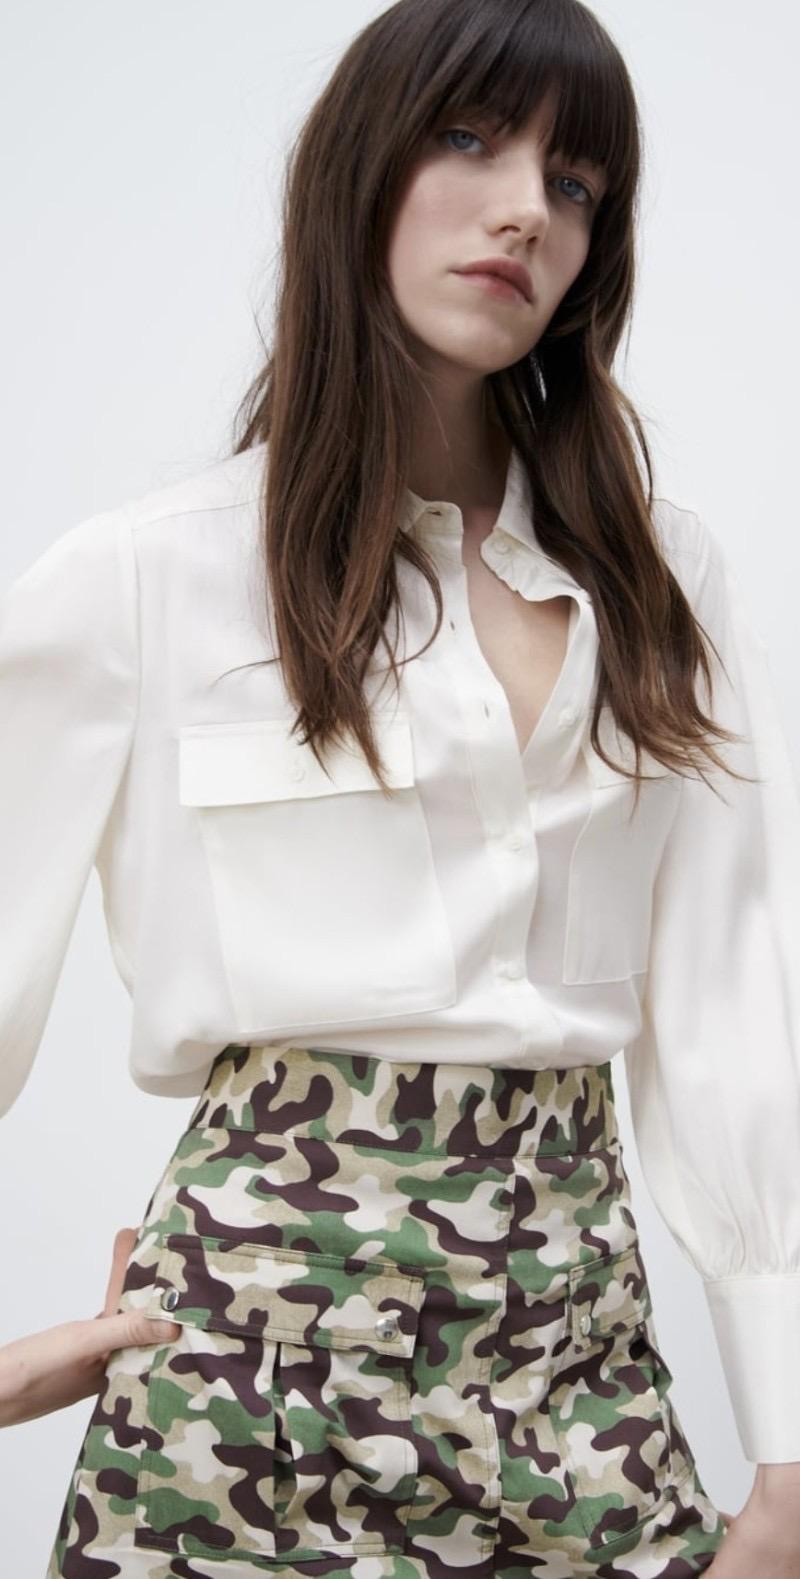 모델이 포켓 새틴 셔츠를 입고 있는 모습이다. 새틴 재질 셔츠에 포인트로 들어간 포켓이 인상적이다.